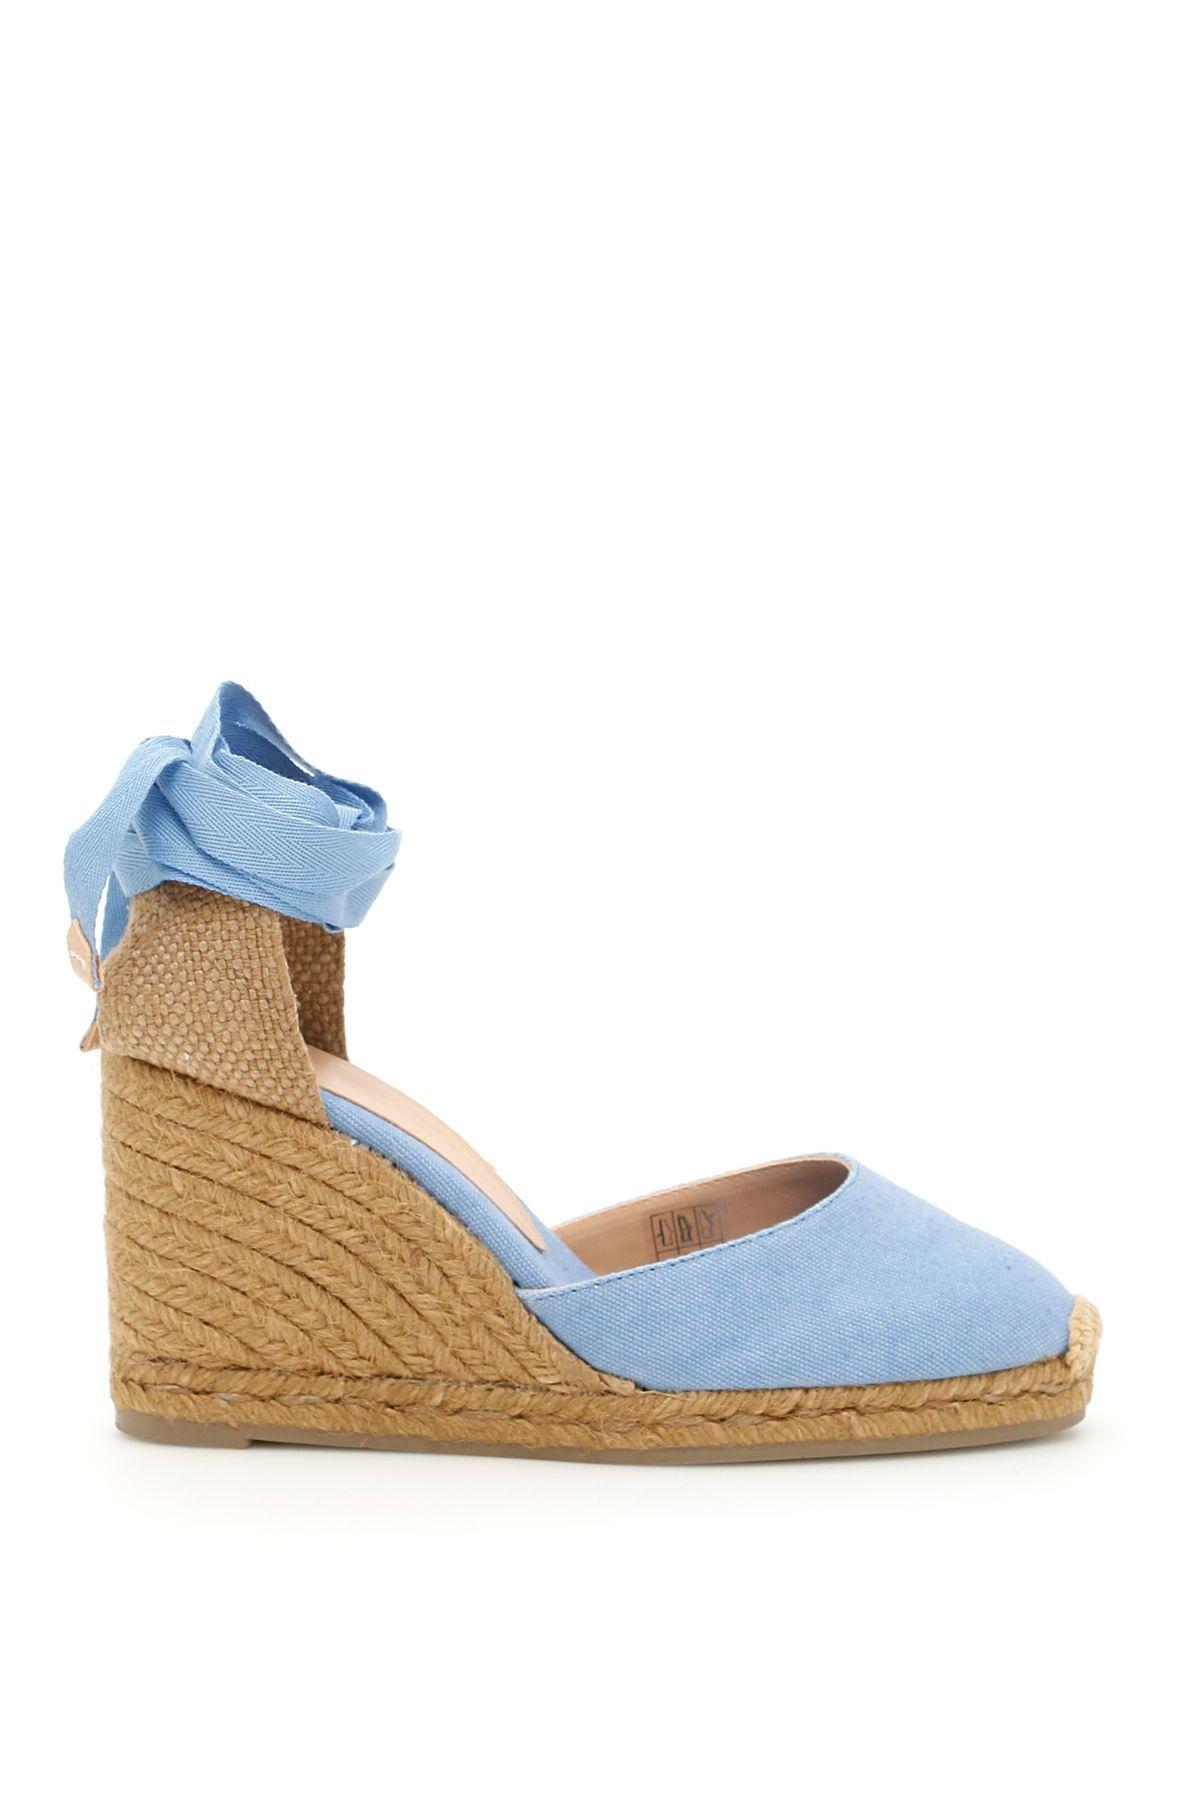 CASTAÑER | Castañer Carina 8 Espadrilles #Shoes #Flat Shoes #CASTAÑER